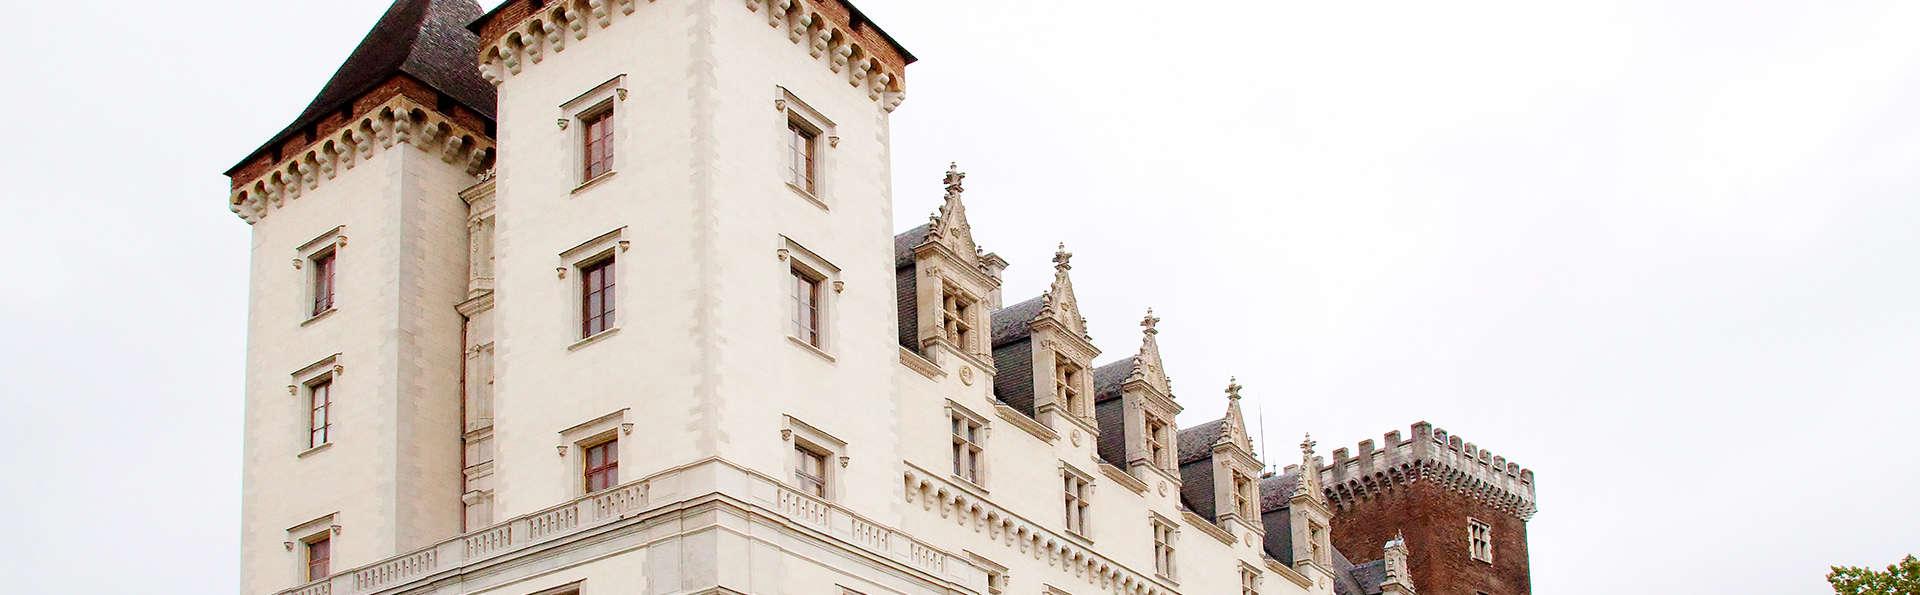 All Suites Appart Hotel Pau - Résidence Hôtelière - Edit_Destination.jpg